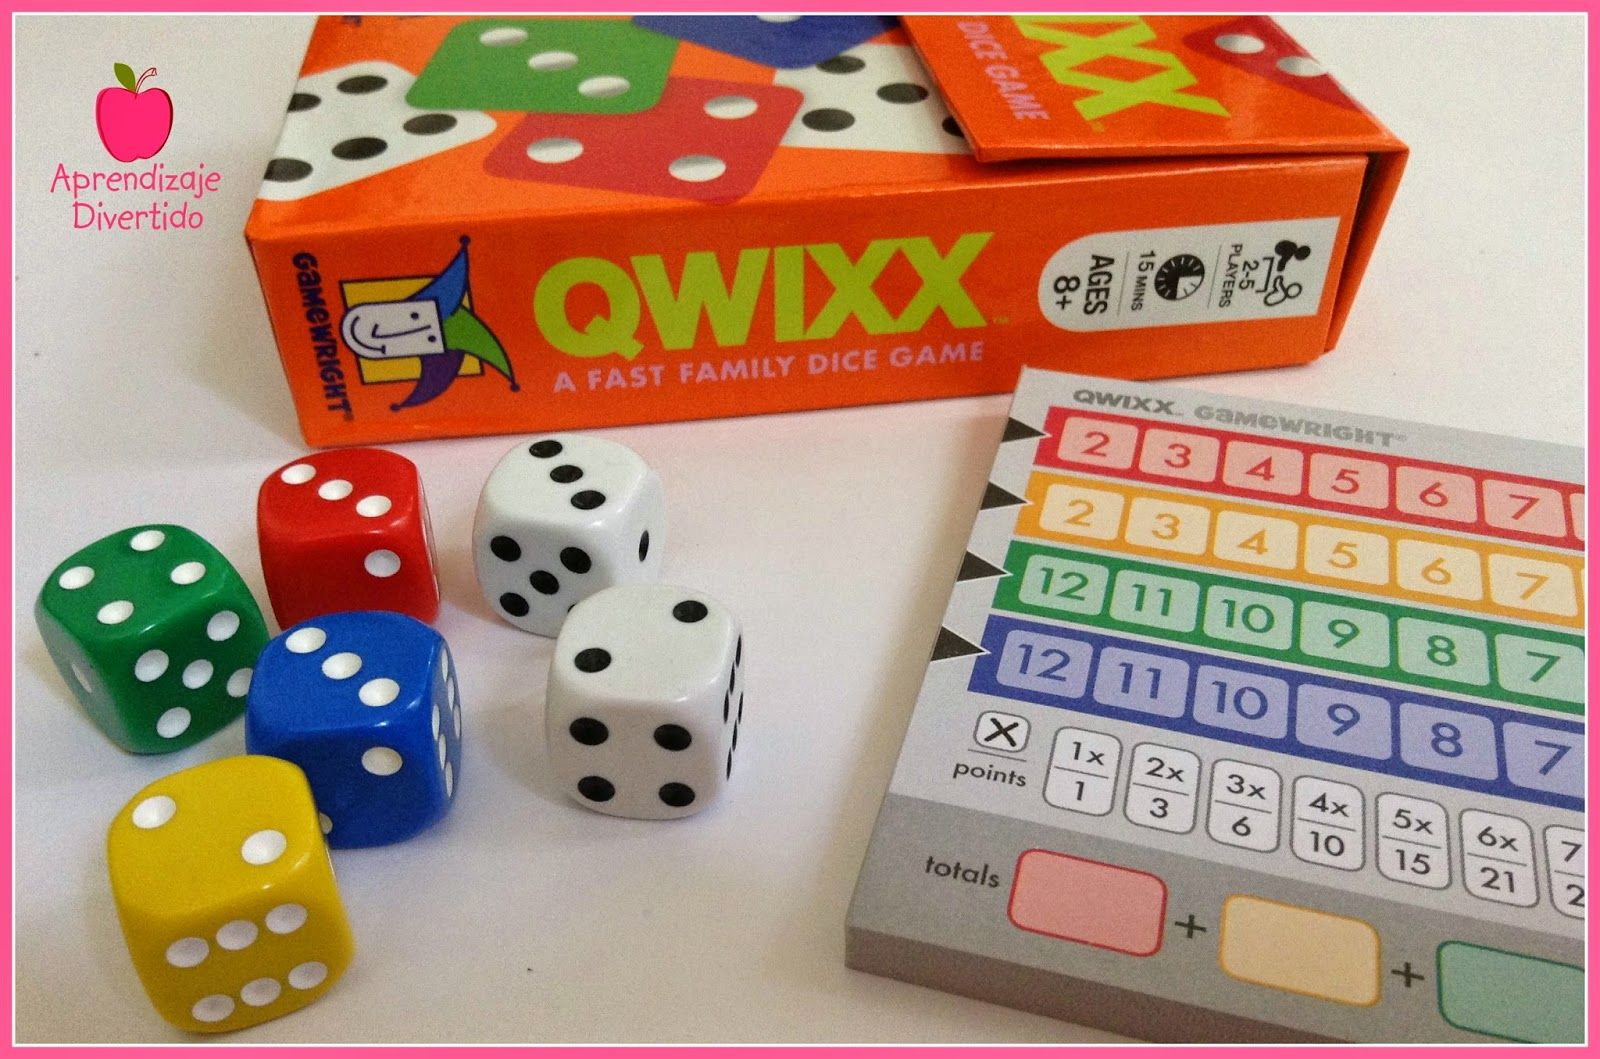 Aprendizaje Divertido Estudiando Matematicas Con Juegos De Mesa